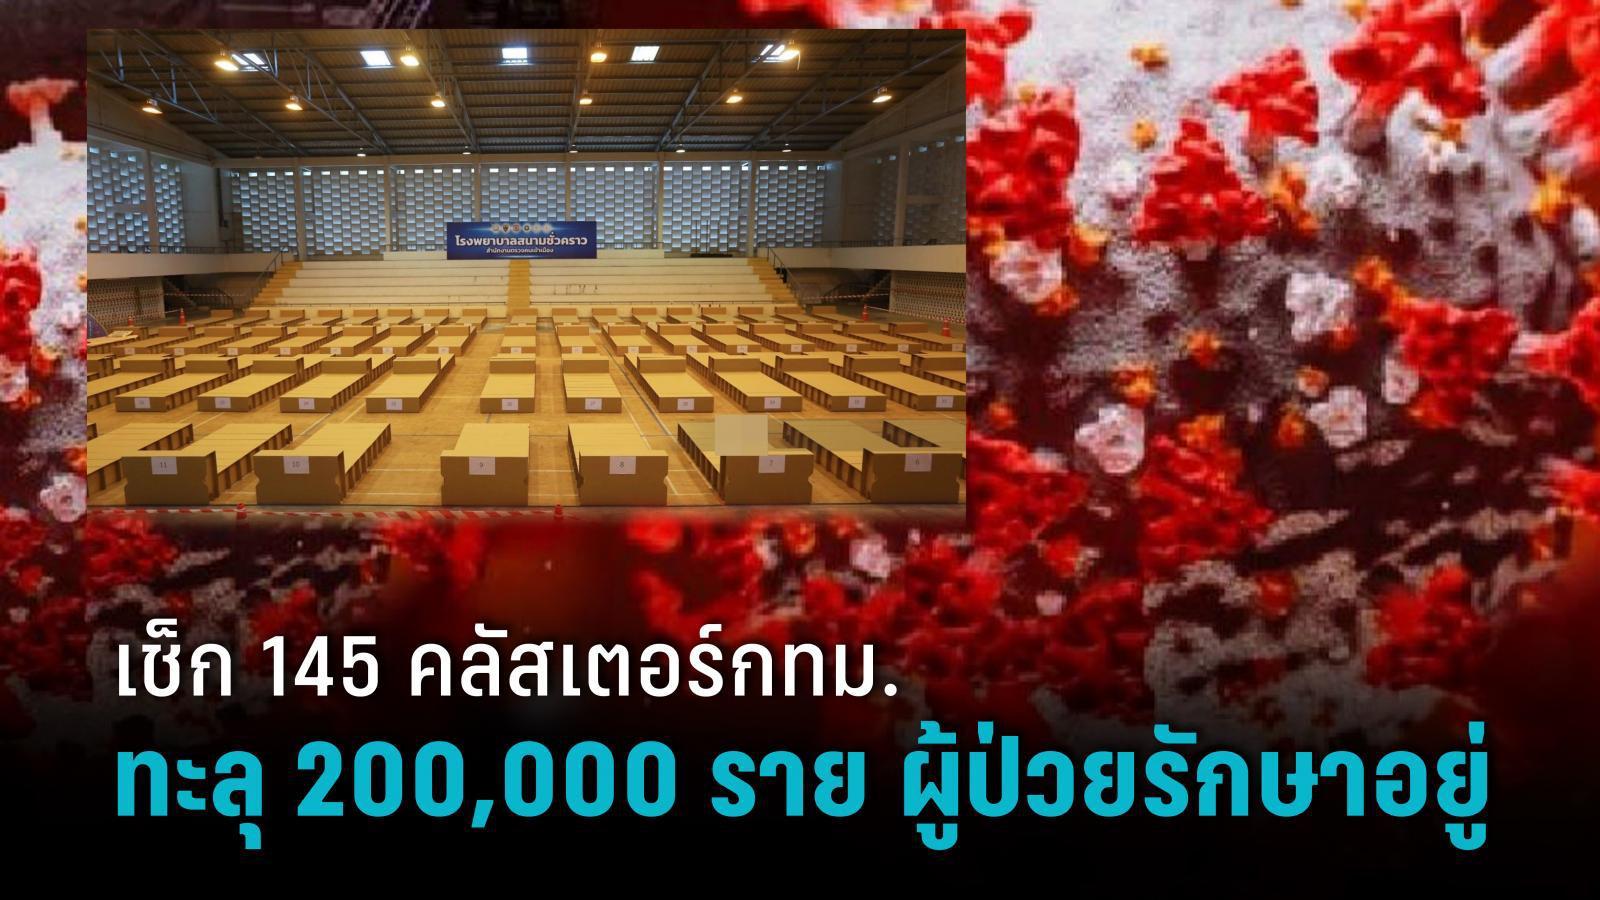 ทะลุ 200,000 ราย ผู้ป่วยรักษาอยู่ เช็ก 145 คลัสเตอร์กทม. หลังวันนี้ยอดป่วย-ตาย นิวไฮ